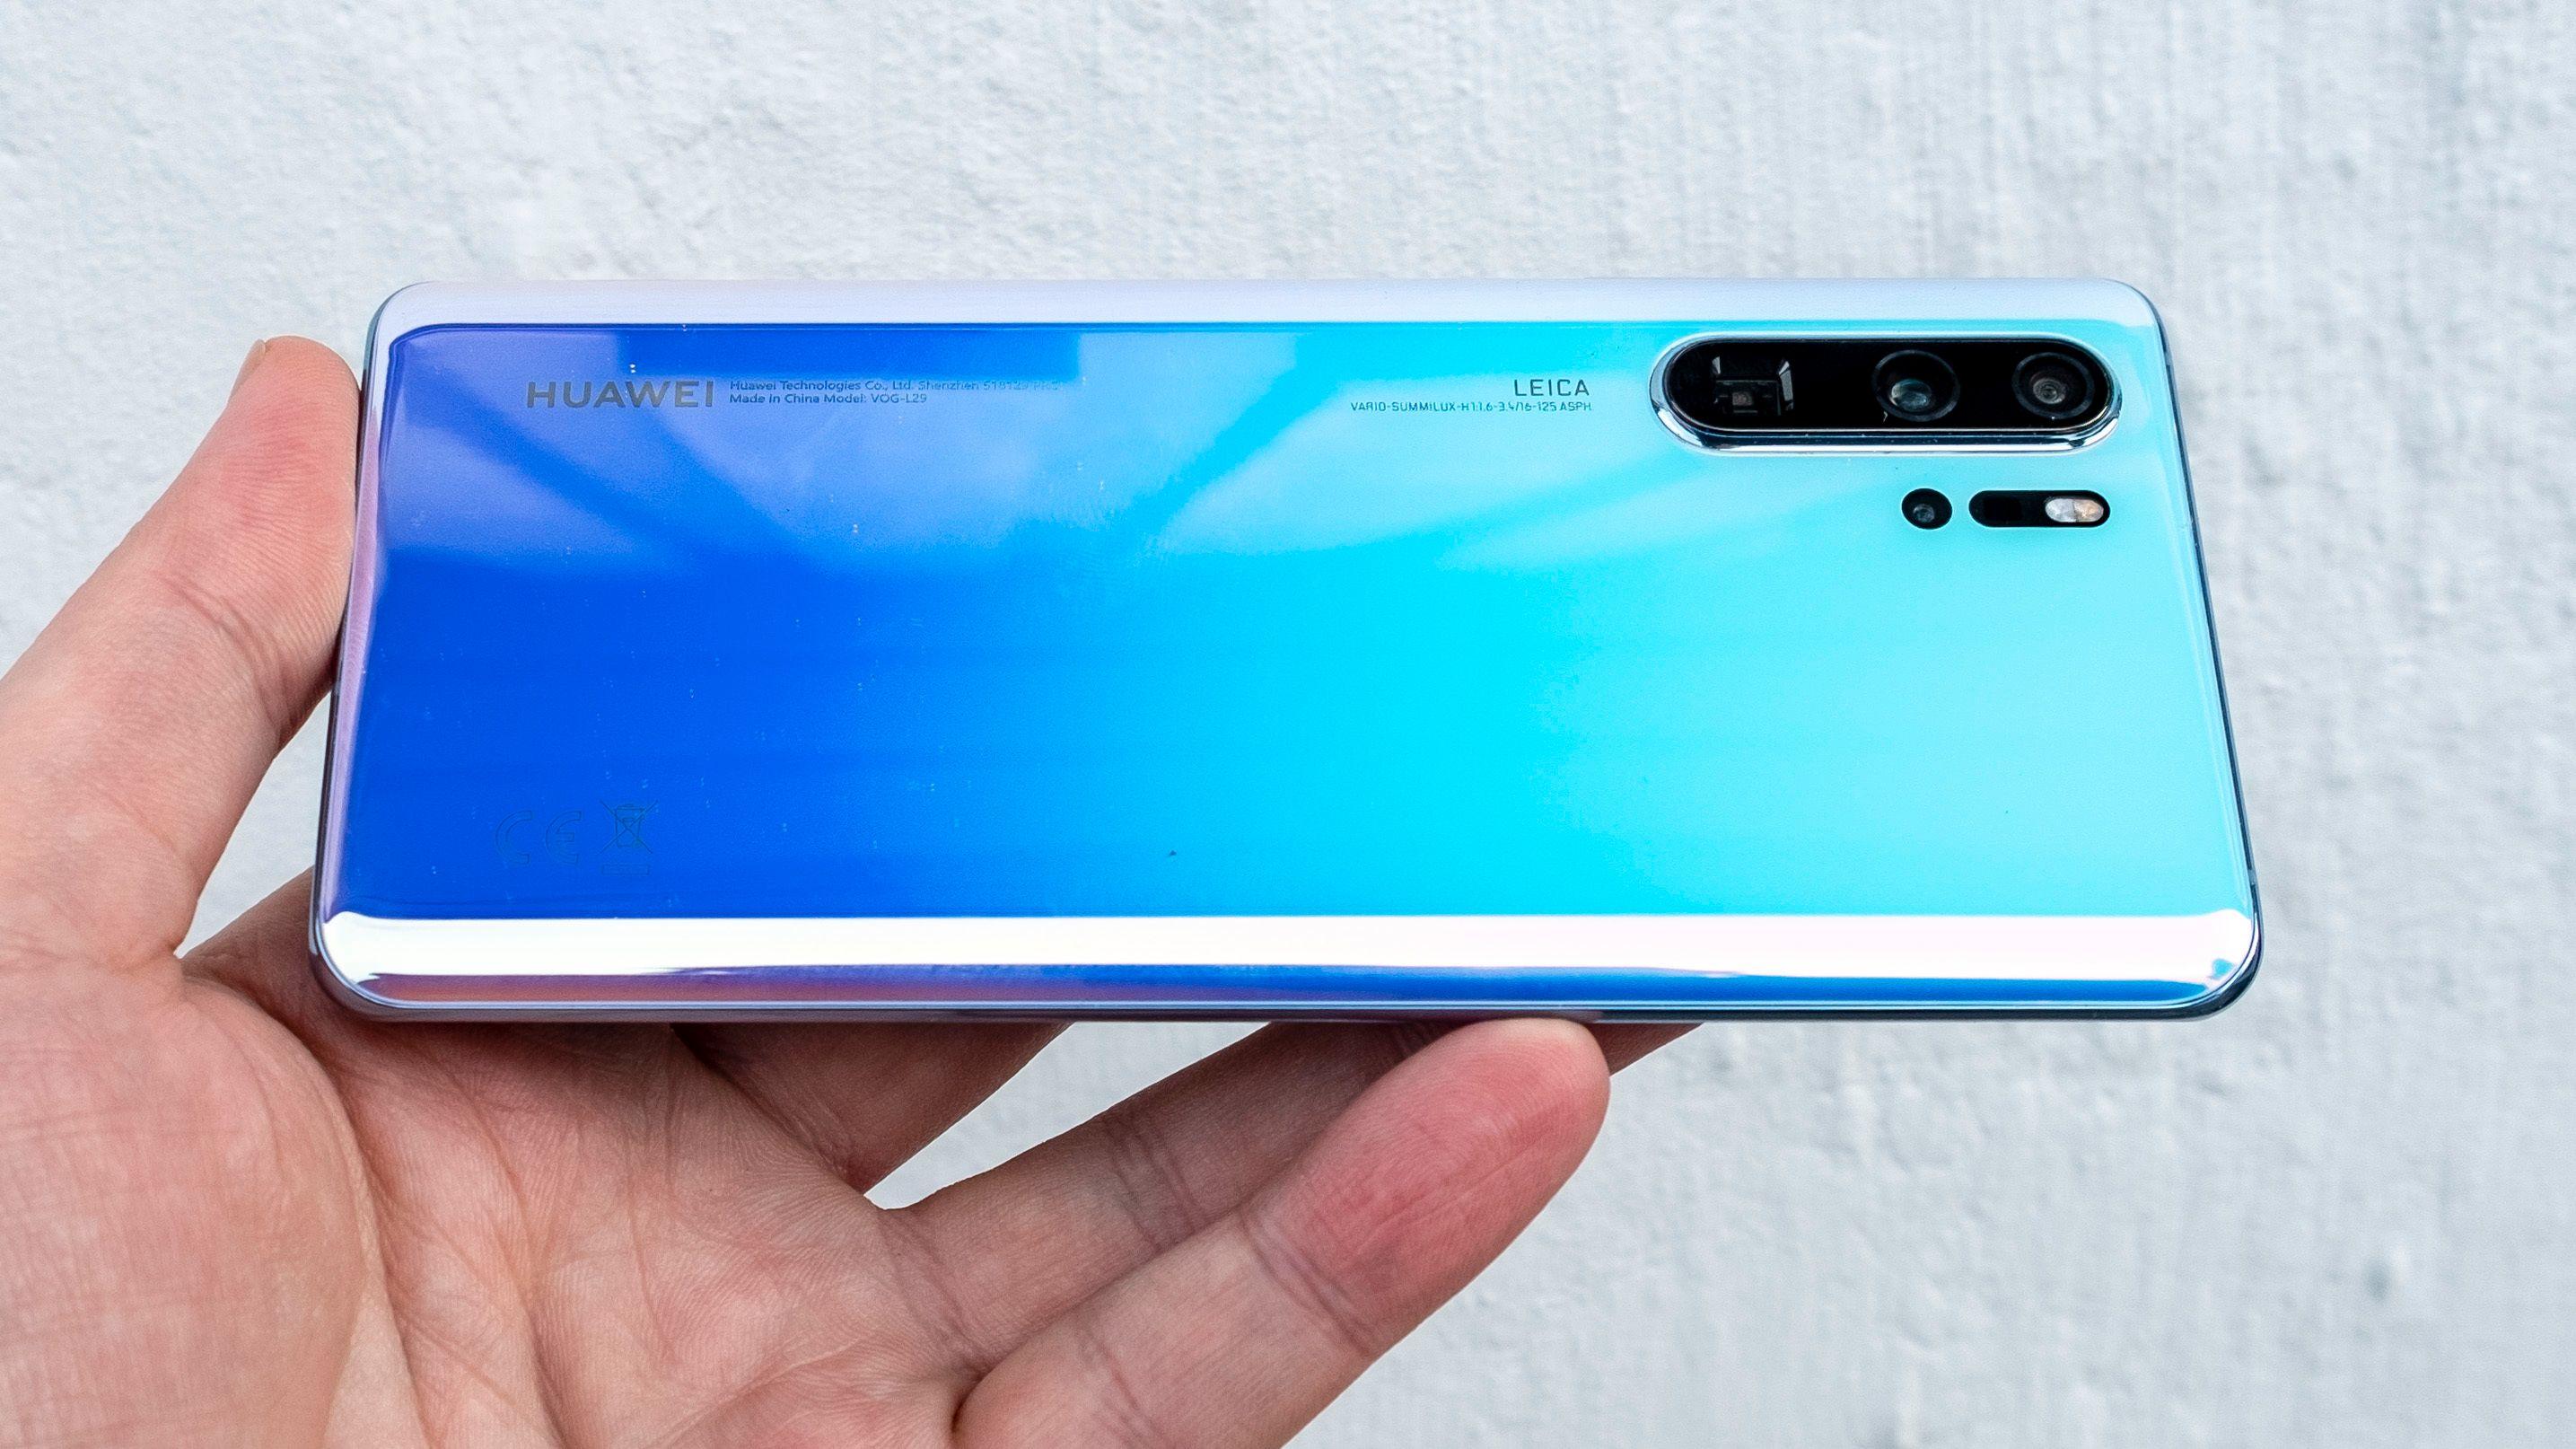 Ming-Chi Kuo mener Apple kommer til å tilby en periskoplinse i iPhone i 2022. Huawei har allerede en slik i sin P30 Pro (bildet), og også Oppo har telefoner med periskopzoom.